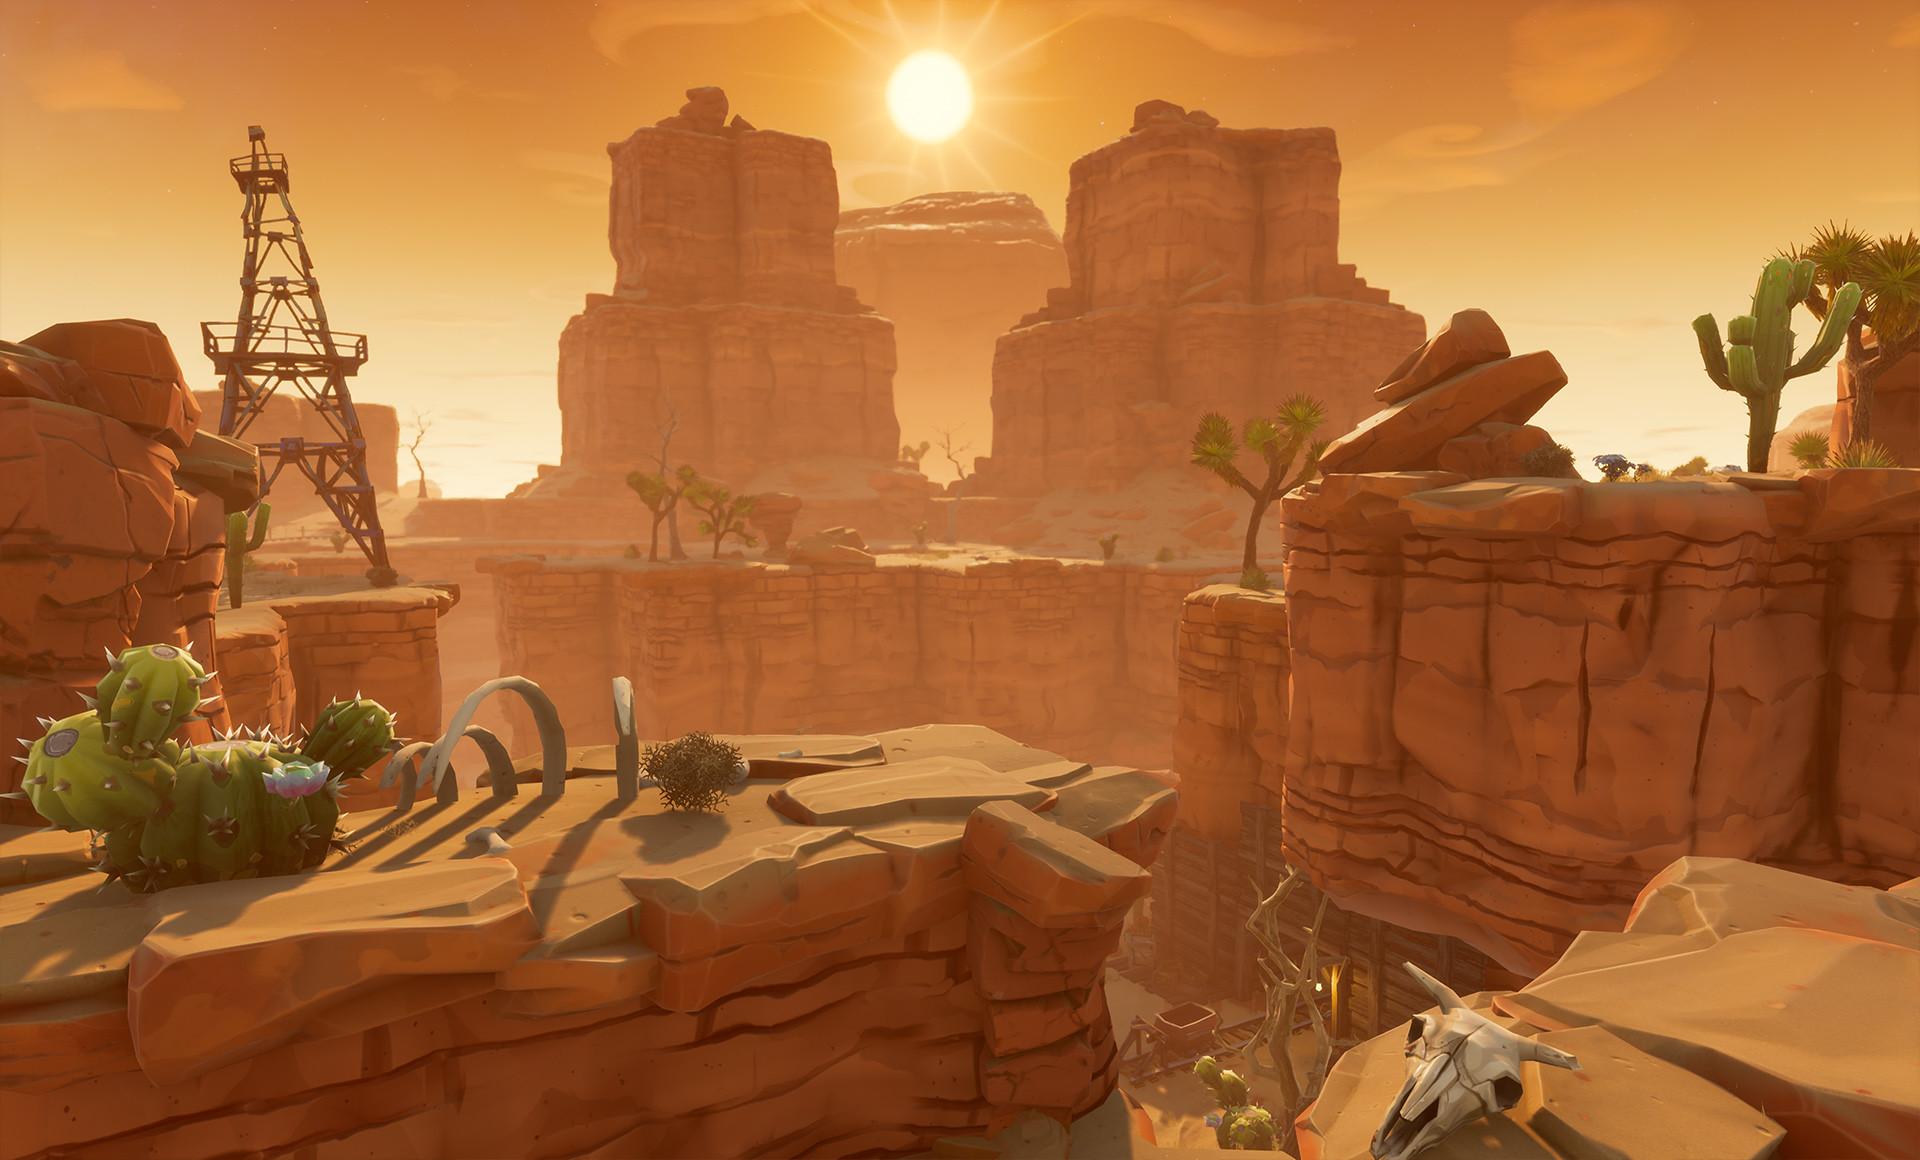 Fortnite Thumbnail Background Exploring Mars